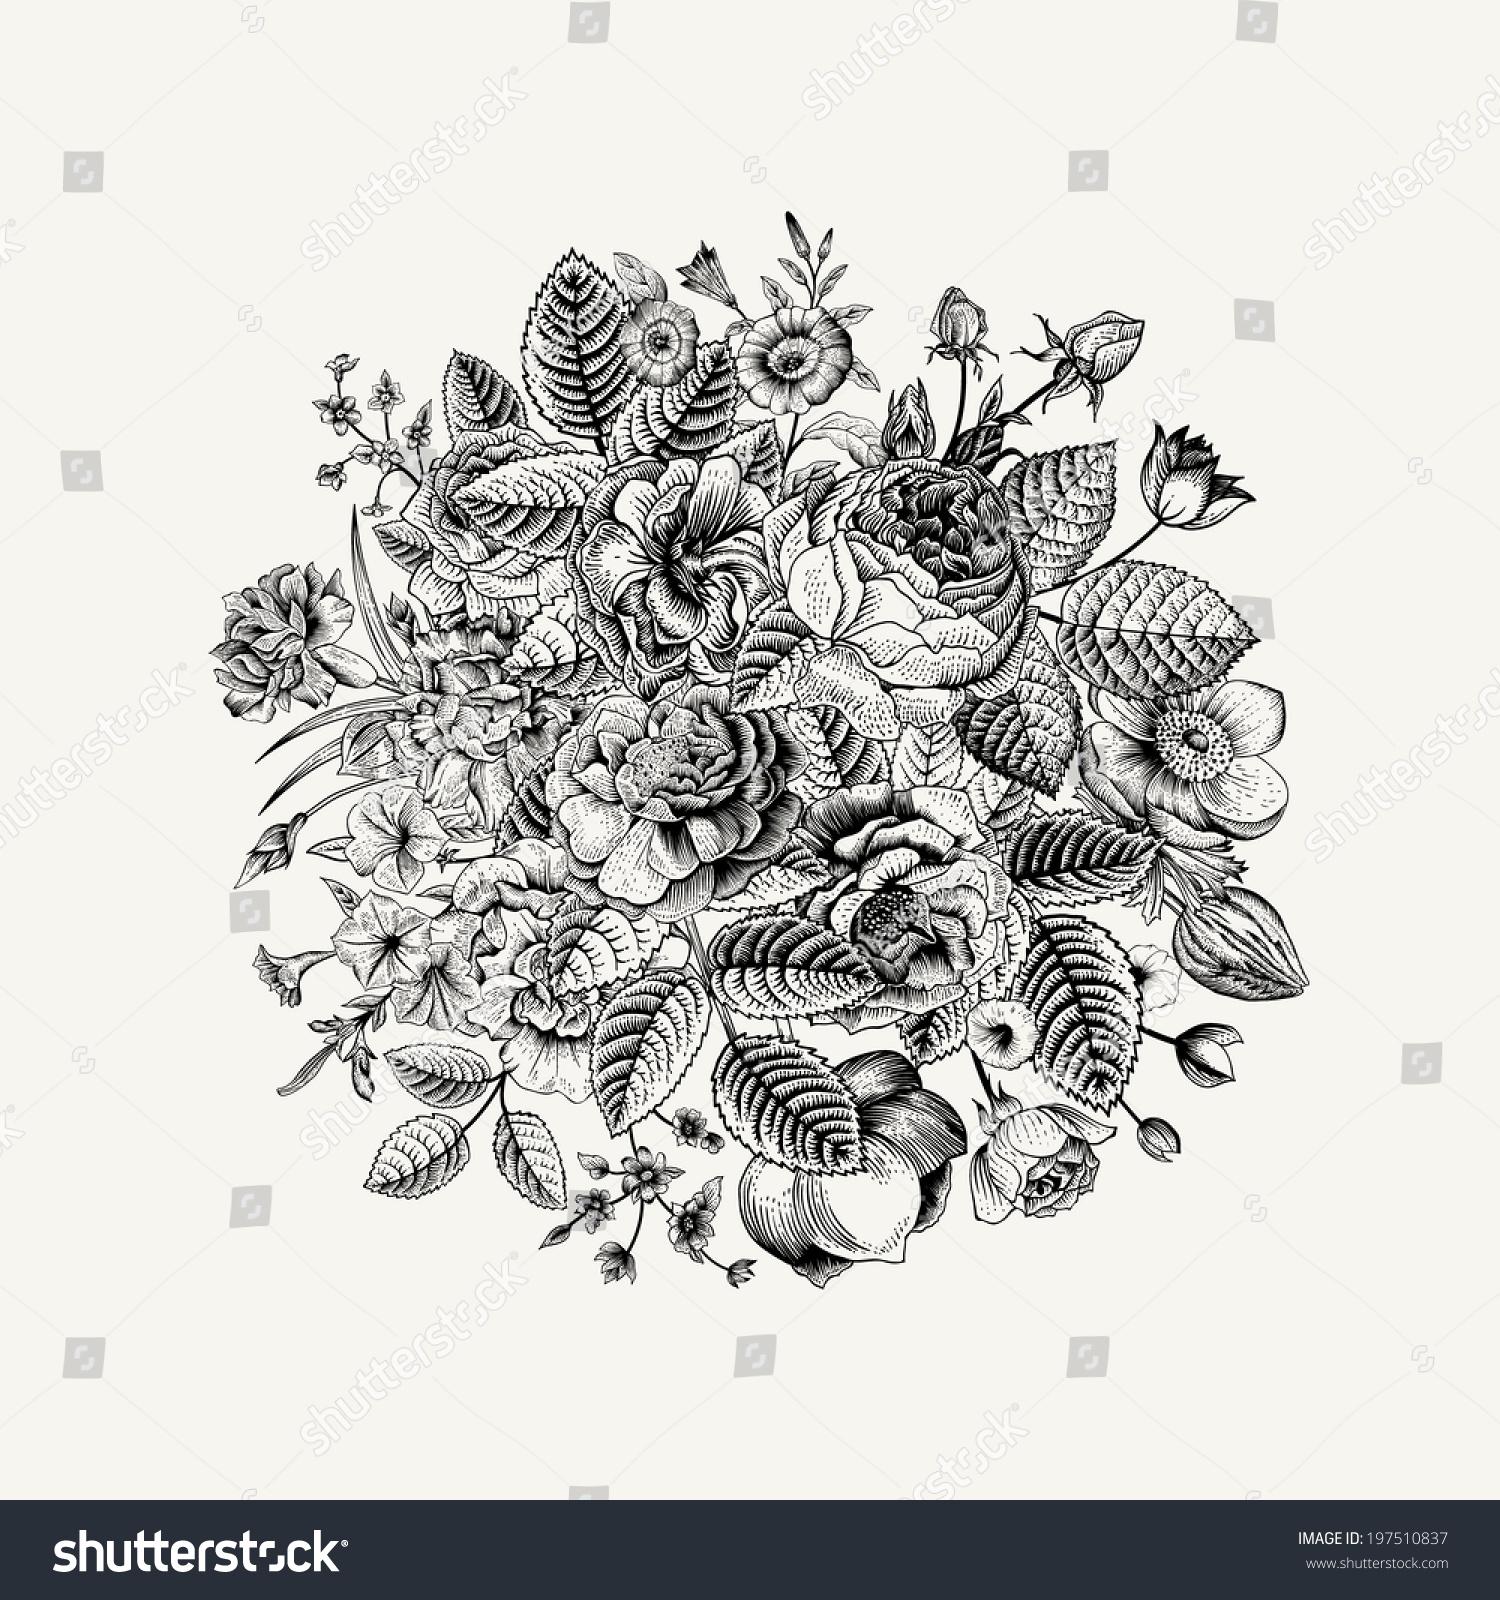 Vintage Floral Vector Bouquet Black White Stock Vector 197510837